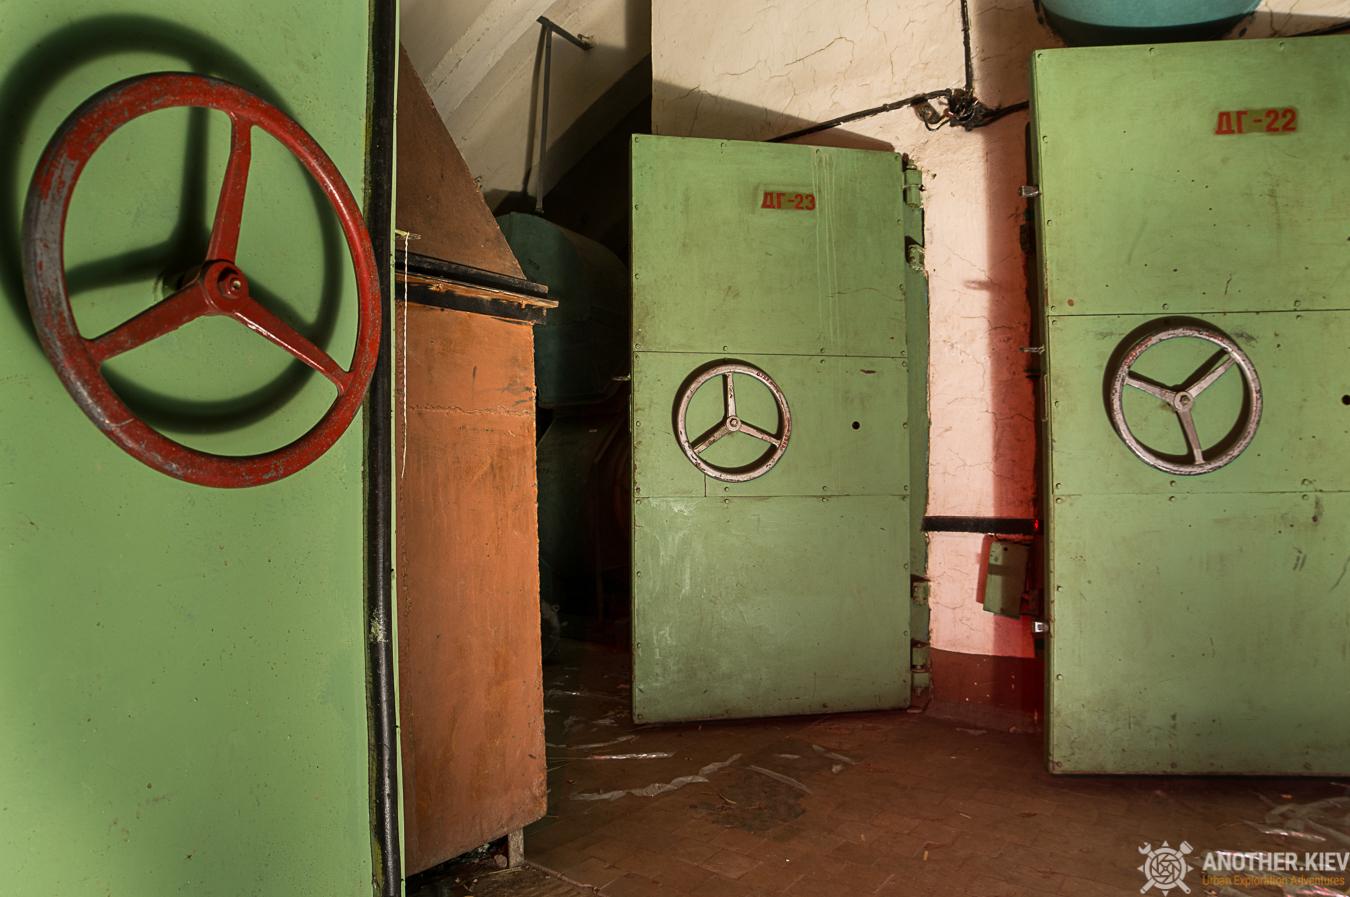 bunker anti-shock wave doors